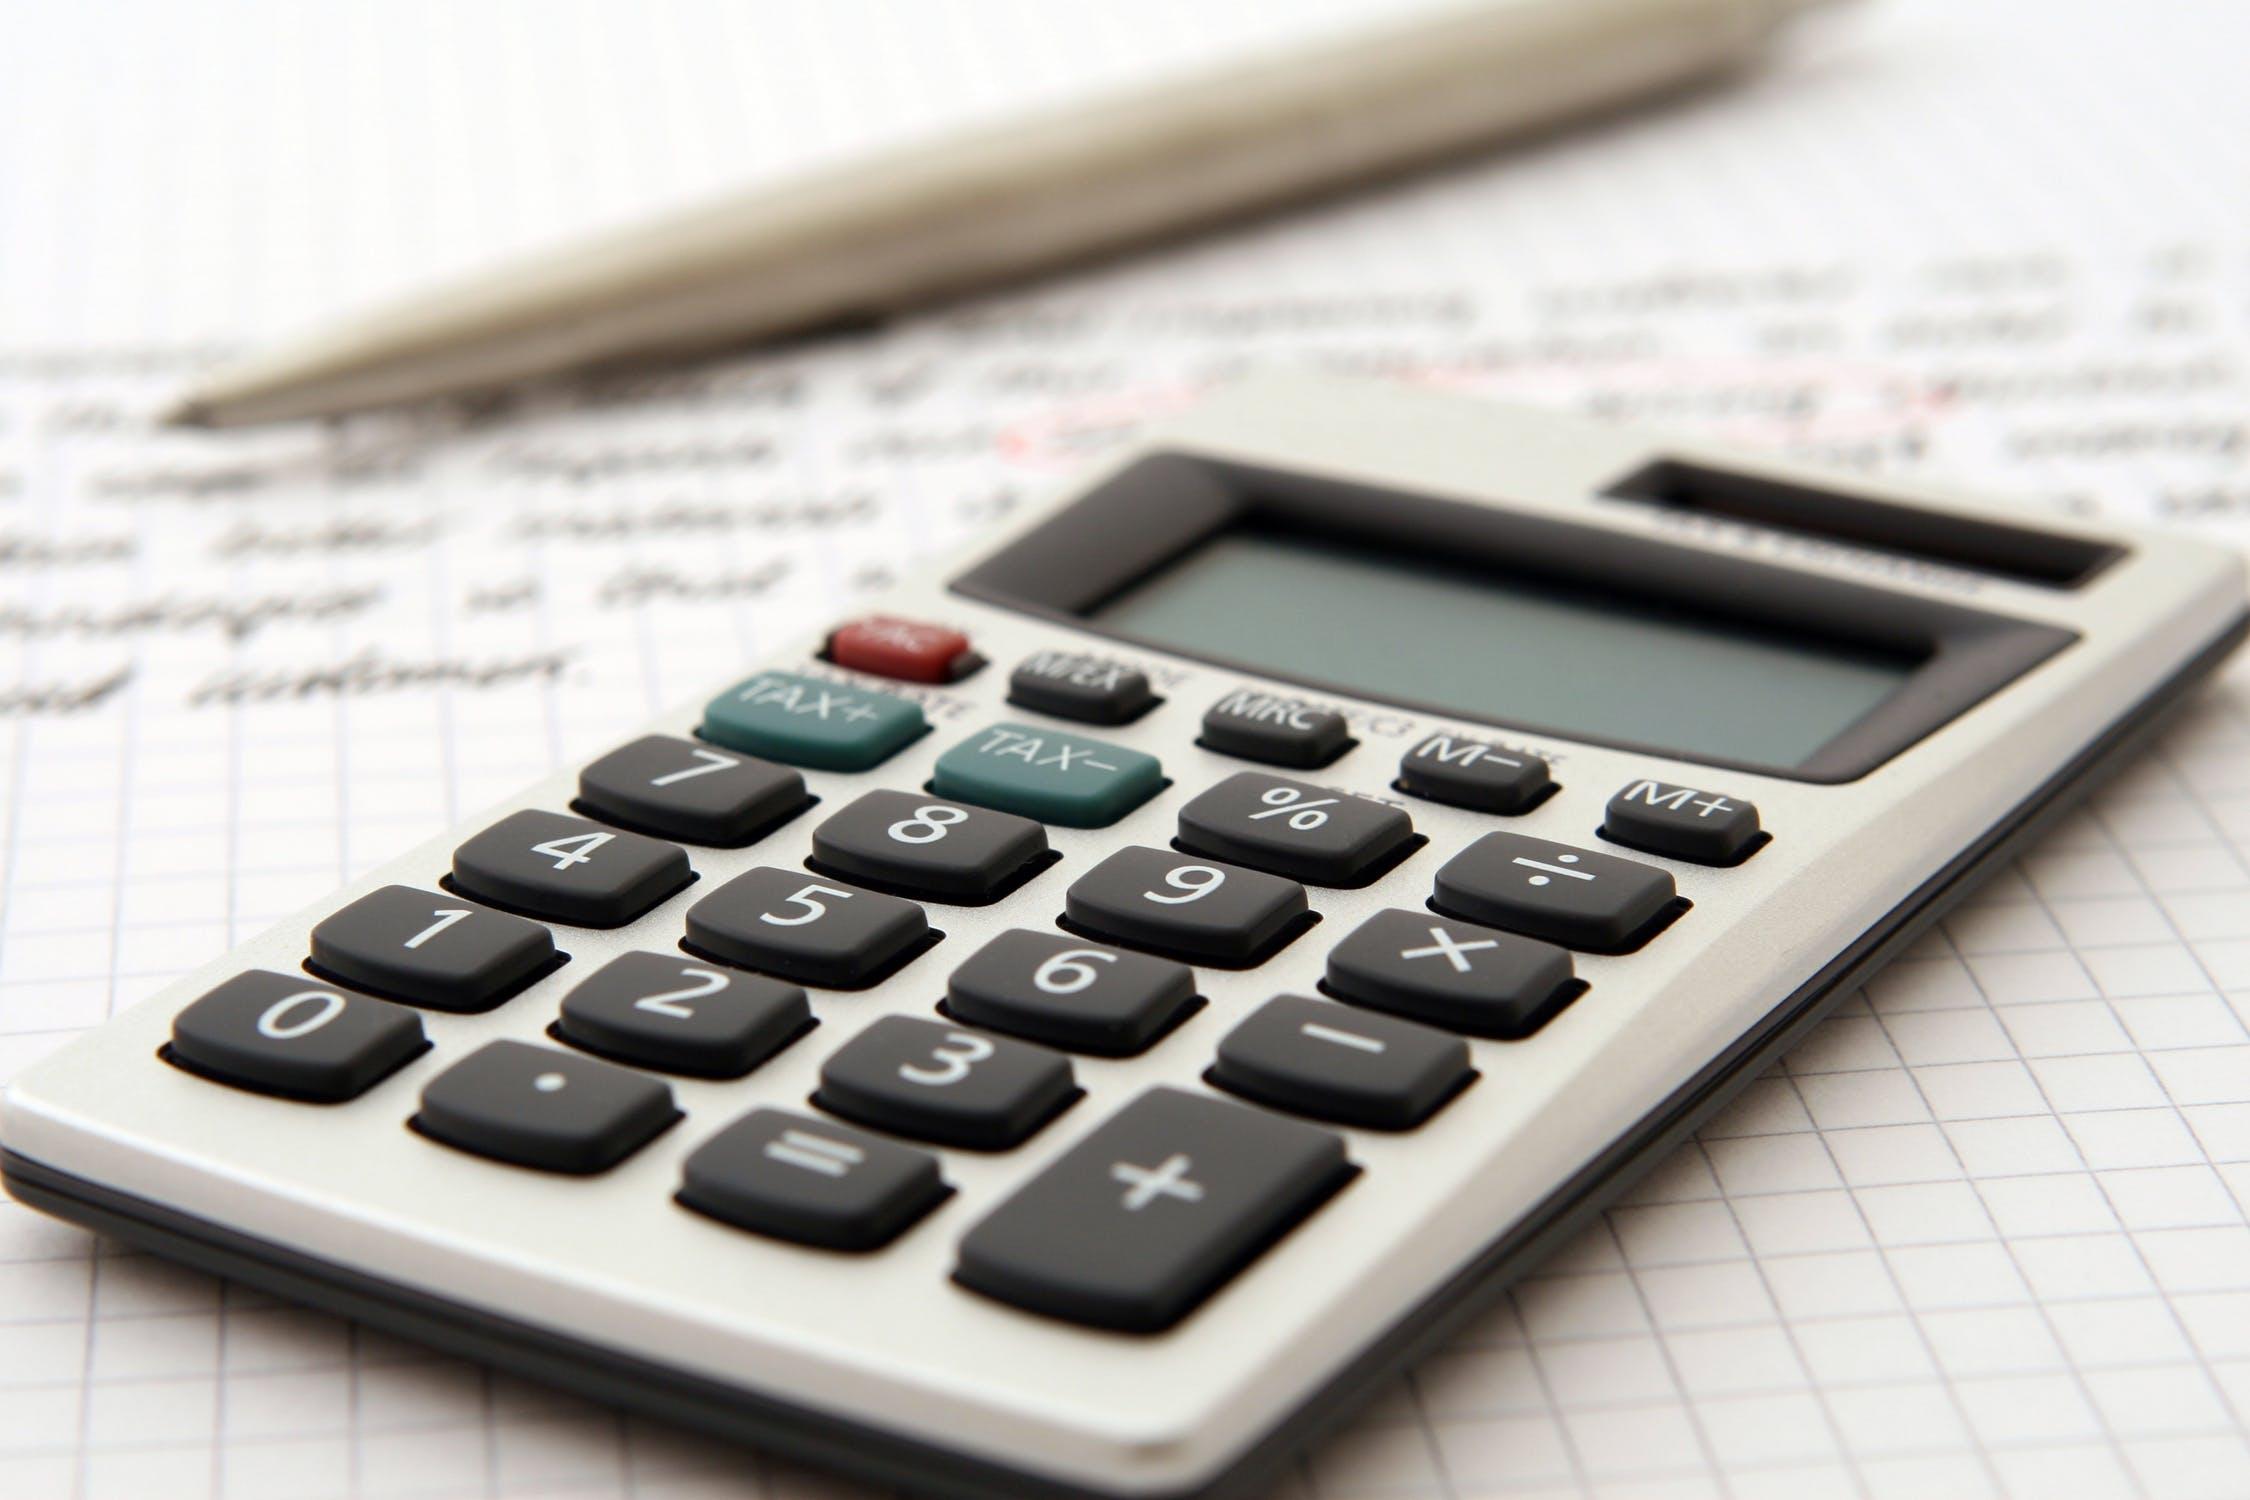 Kalkulator naukowy na tle zapisanej kartki w kratkę